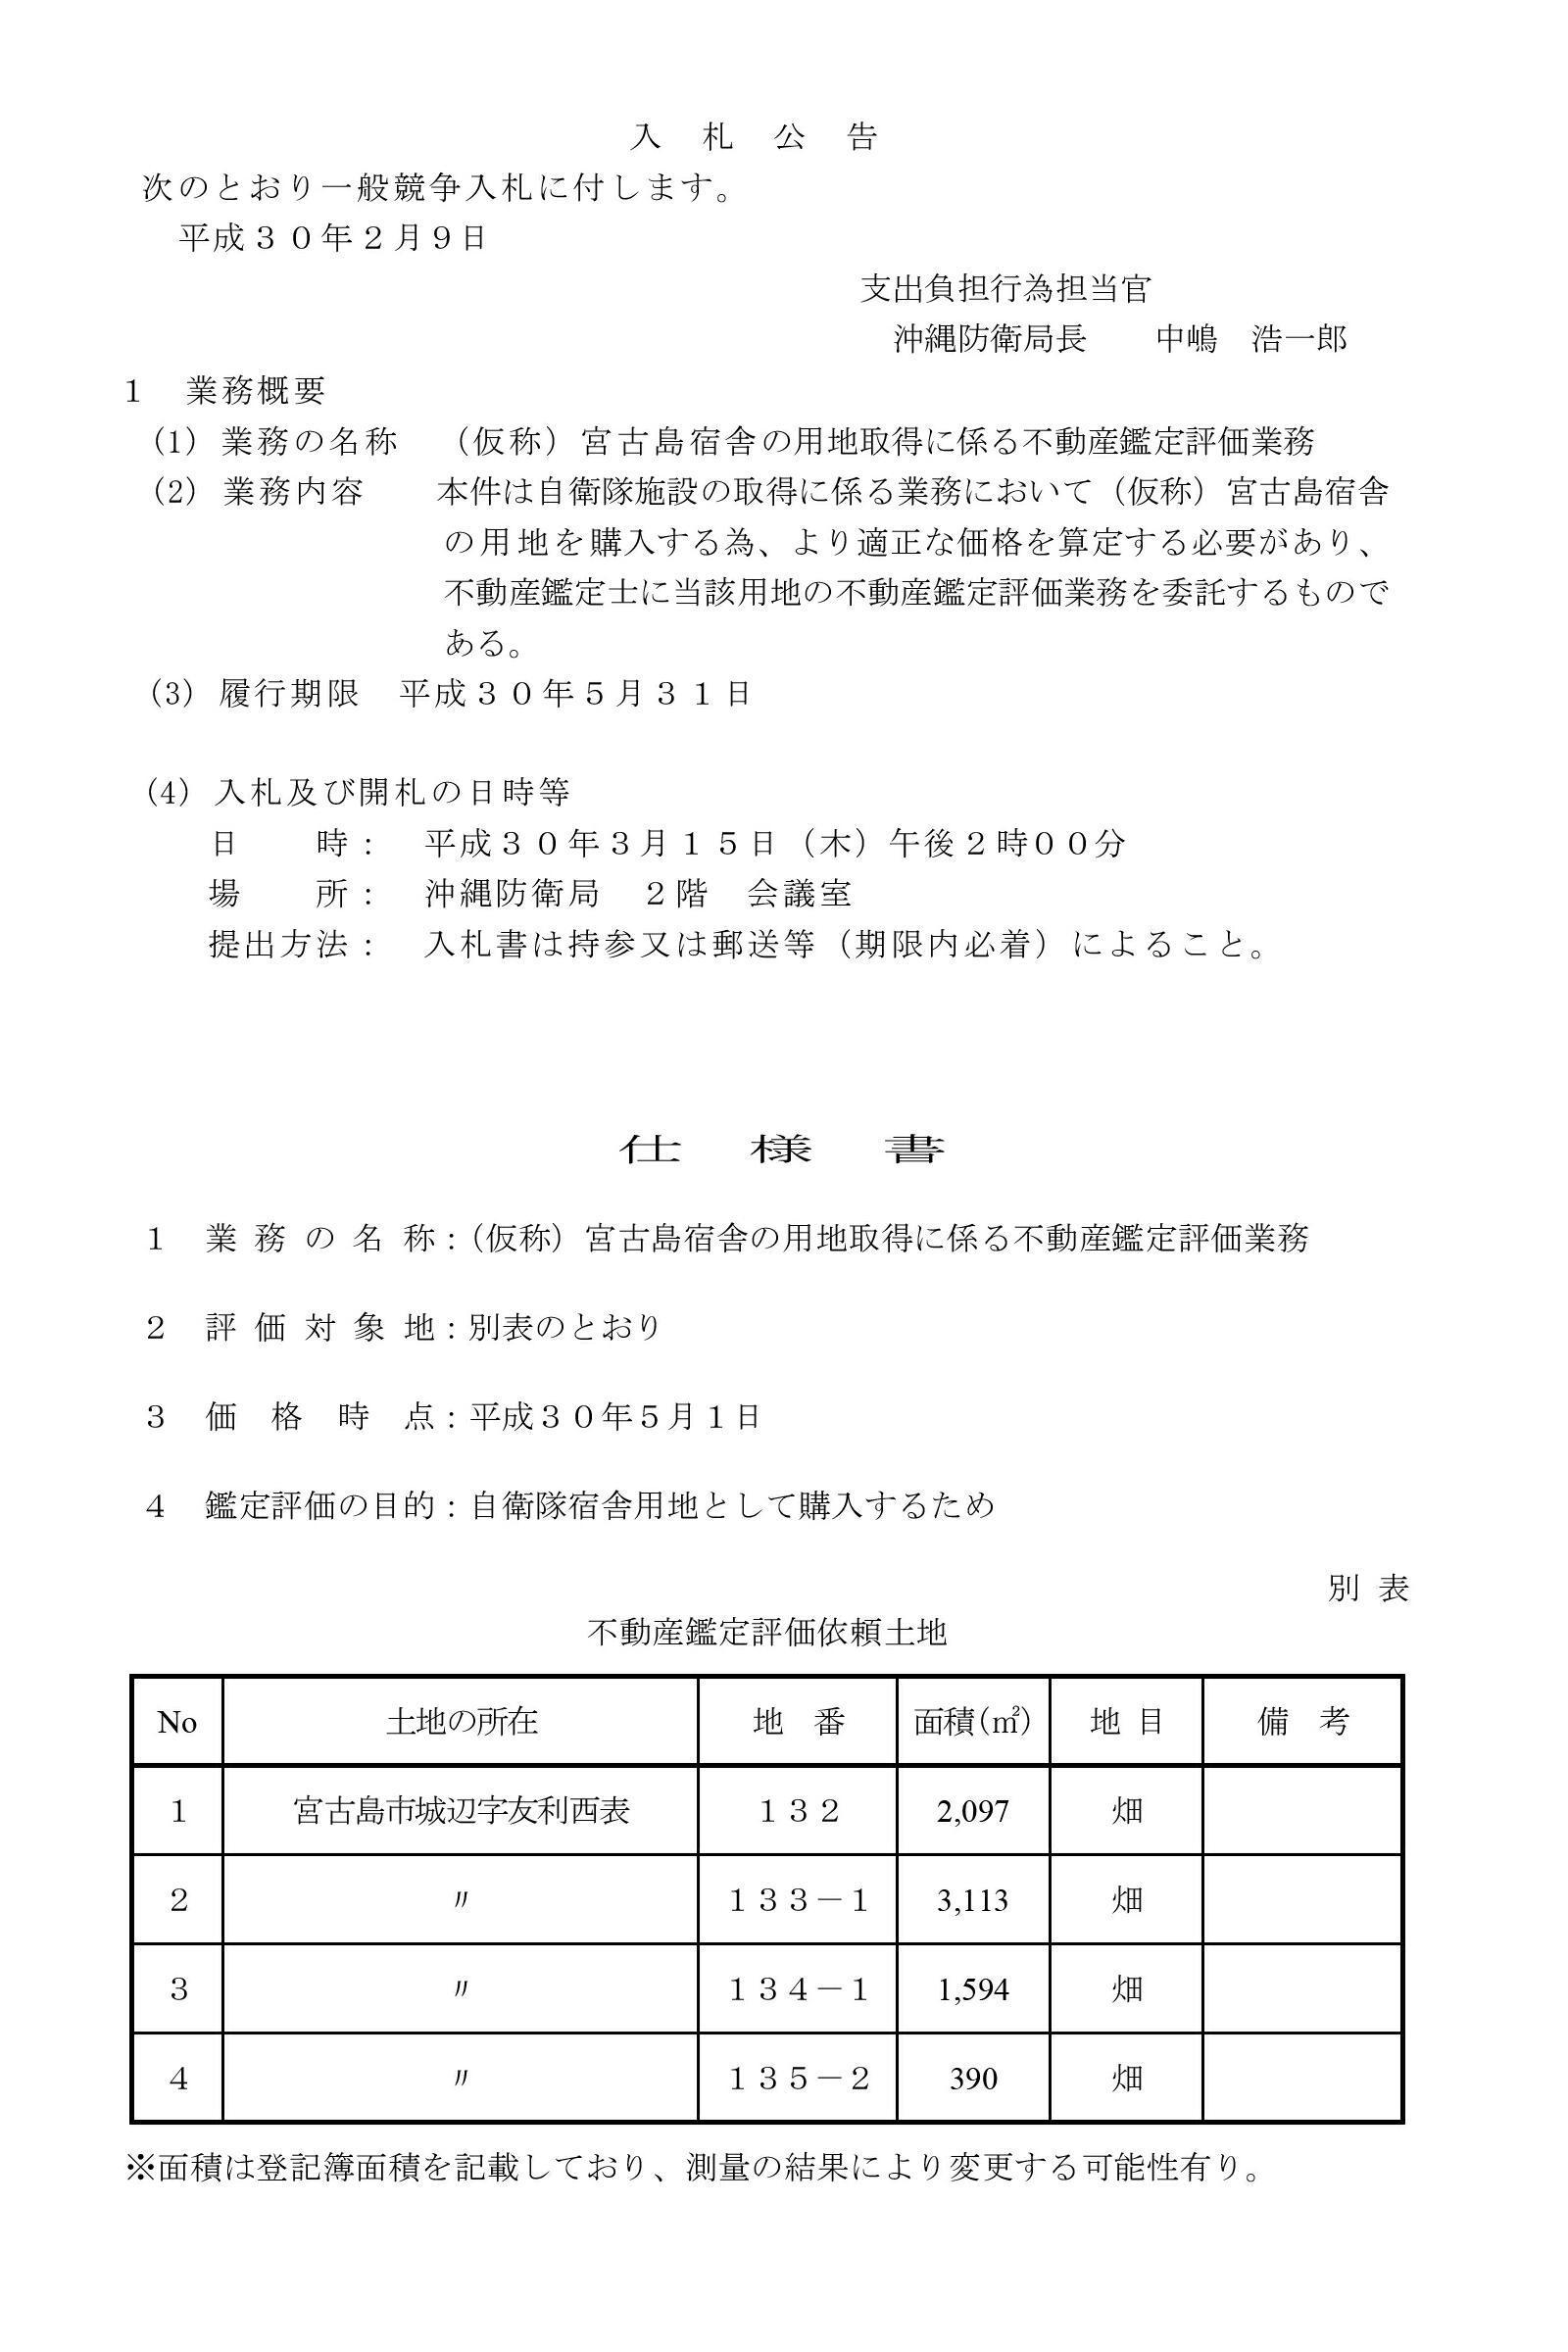 友利不動産鑑定評価入札公告01